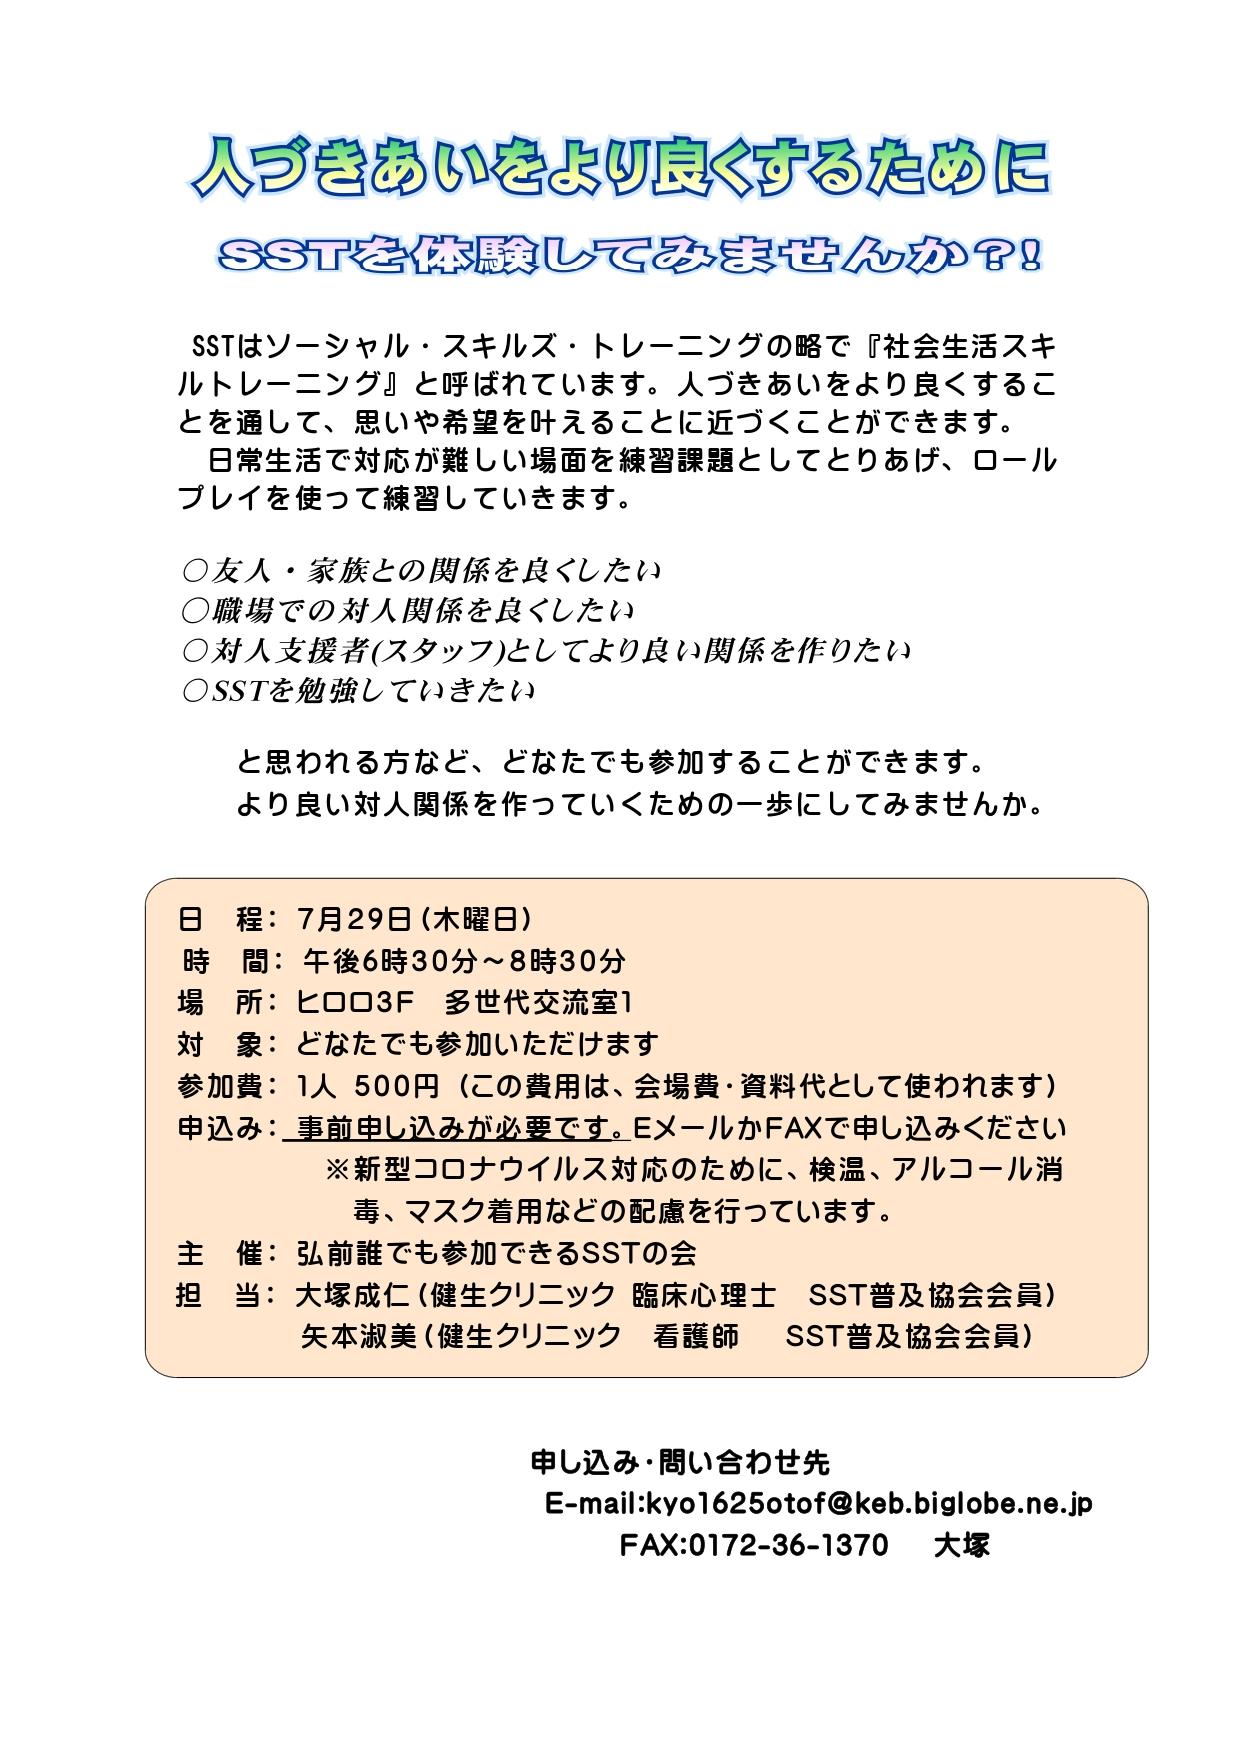 弘前誰でも参加できるSSTの会 勉強会